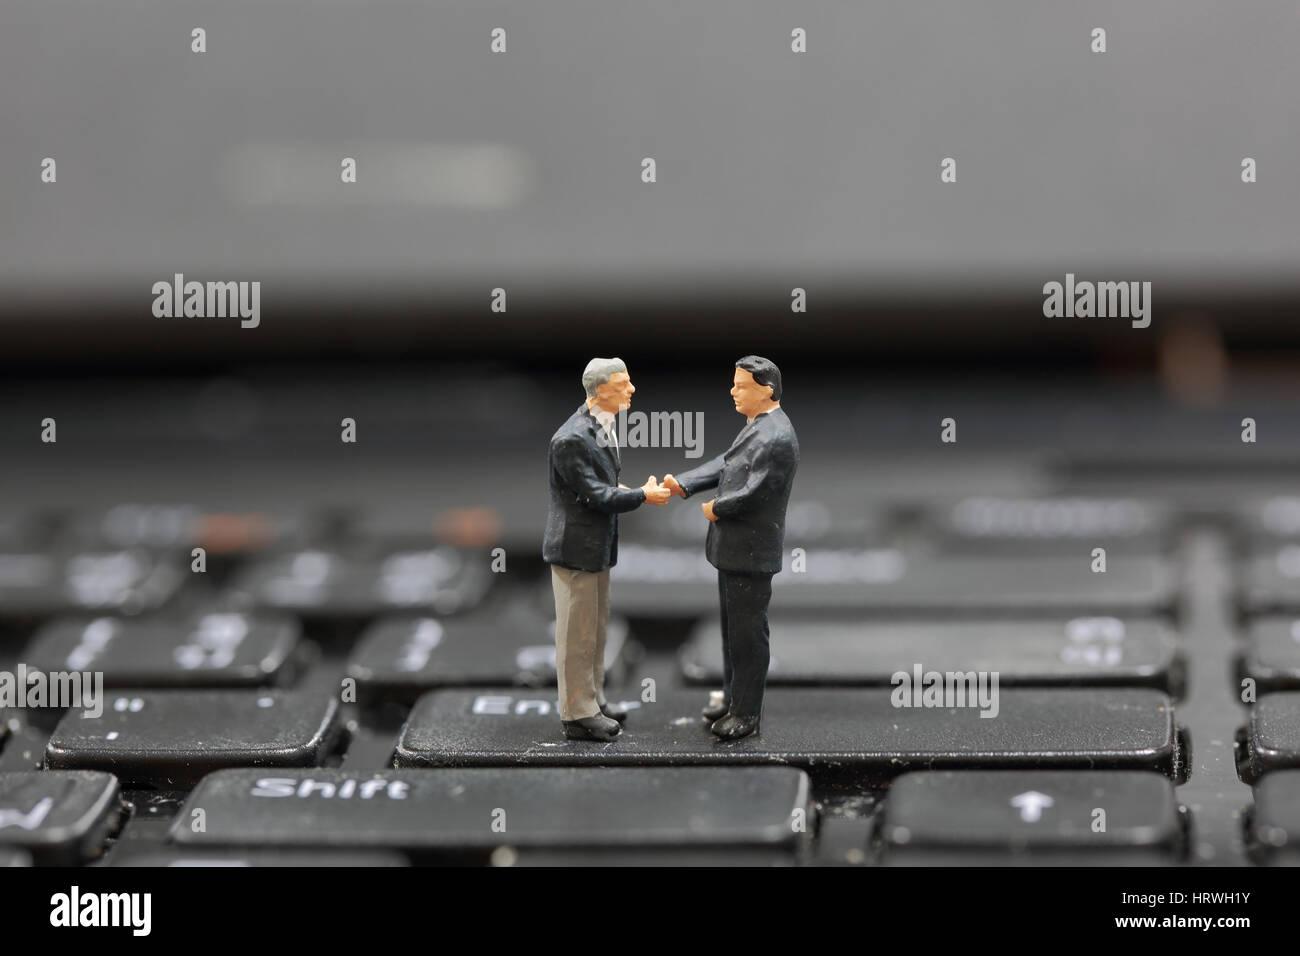 El enfoque selectivo de empresario en miniatura de apretón de manos en el botón Enter del teclado como compromiso Foto de stock